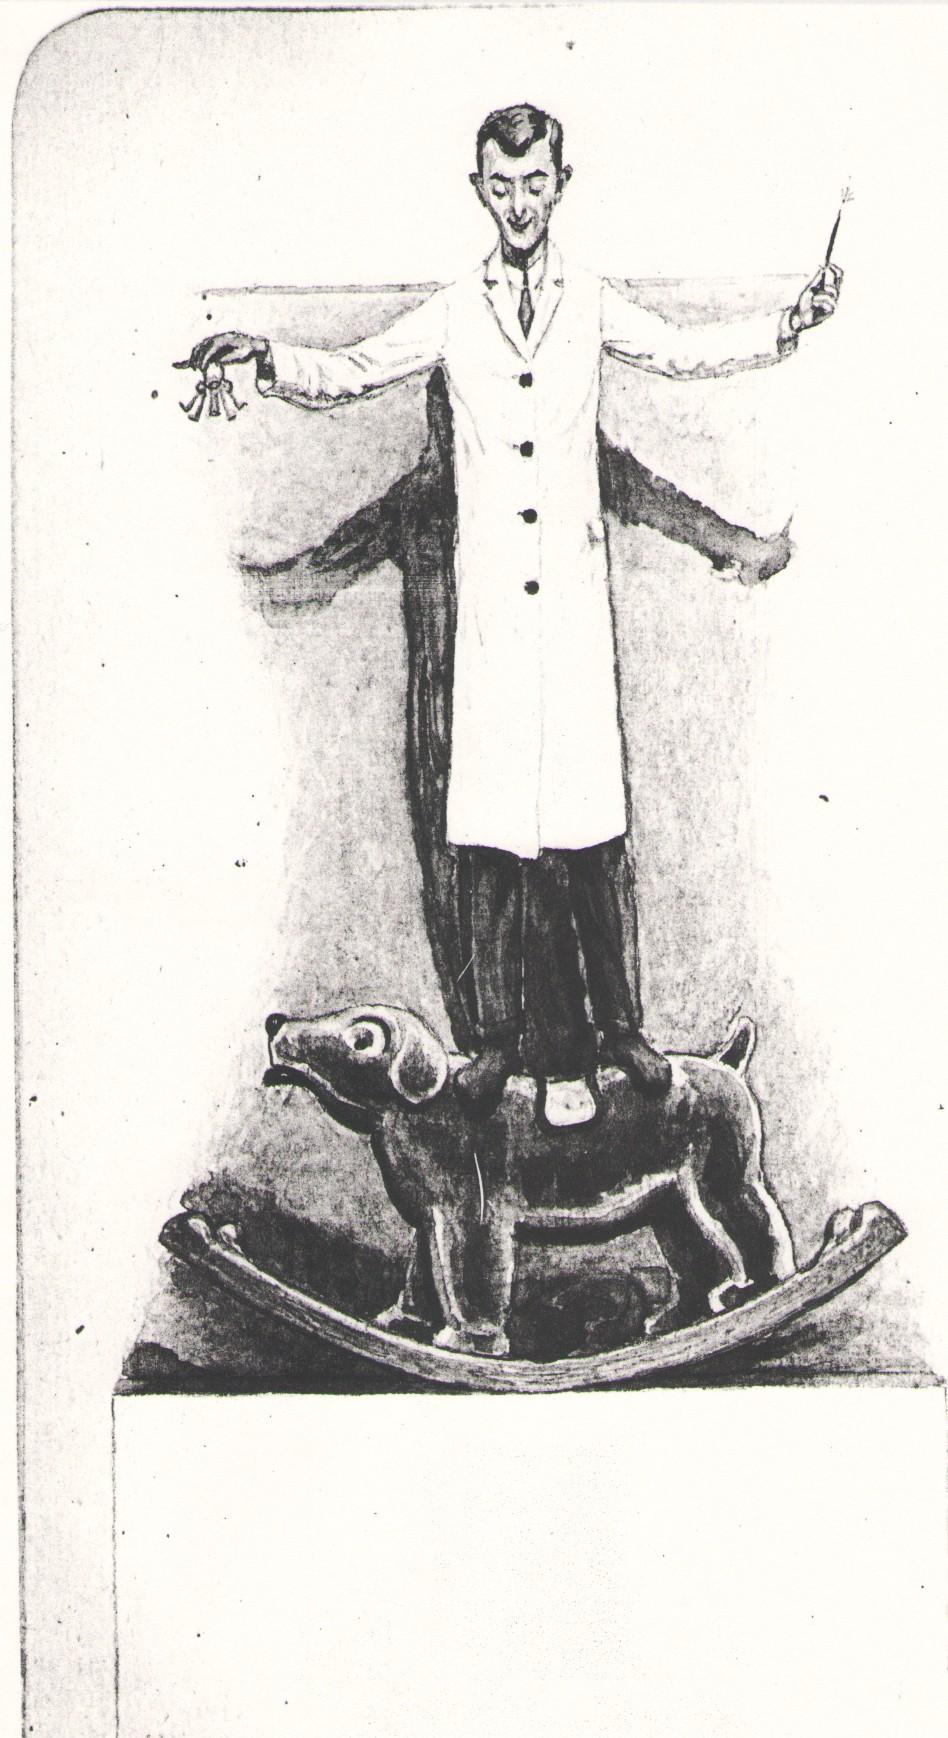 """Praca z wystawy """"Dlaczego malują? Twórczość chorych psychicznie ze zbiorów dr. Andrzeja Janickiego"""", autor anonimowy (źródło: materiały prasowe organizatora)"""